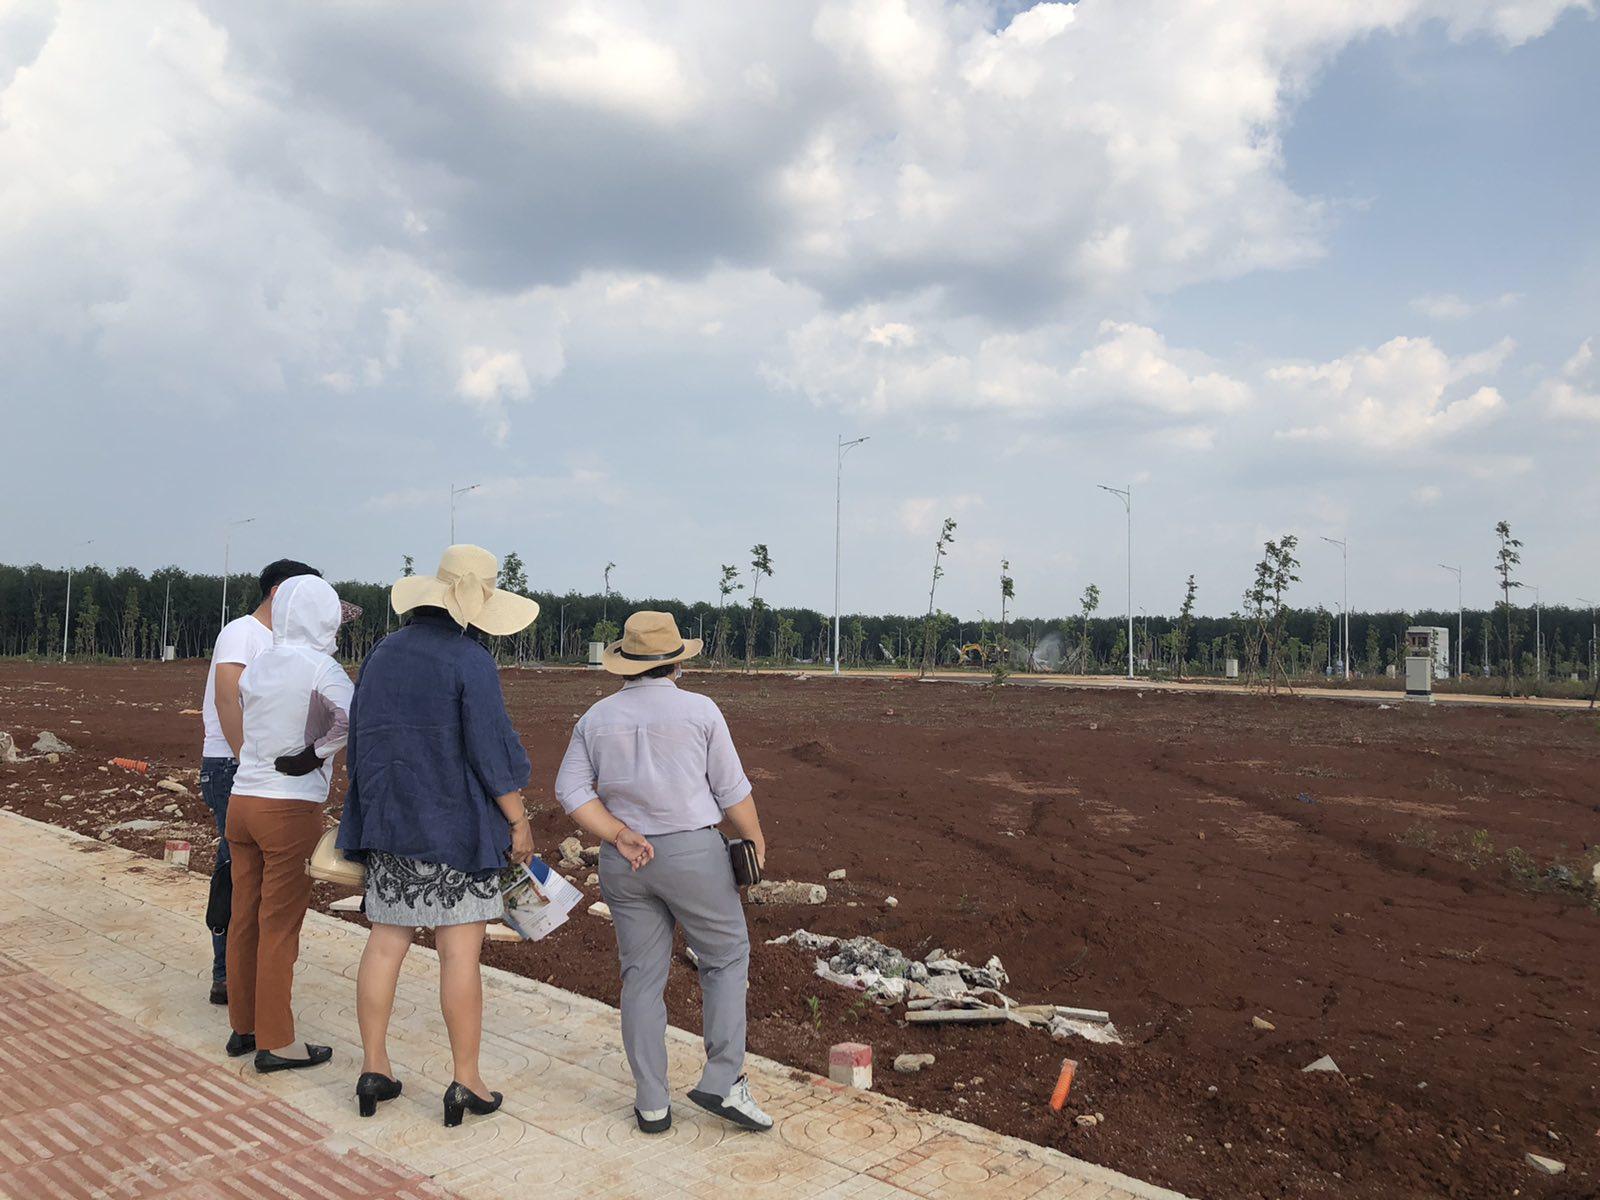 Bán nhanh lô đất mặt tiền nằm ngay trung tâm khu vực Tân An, Buôn Ma Thuột, Đắk Lắk